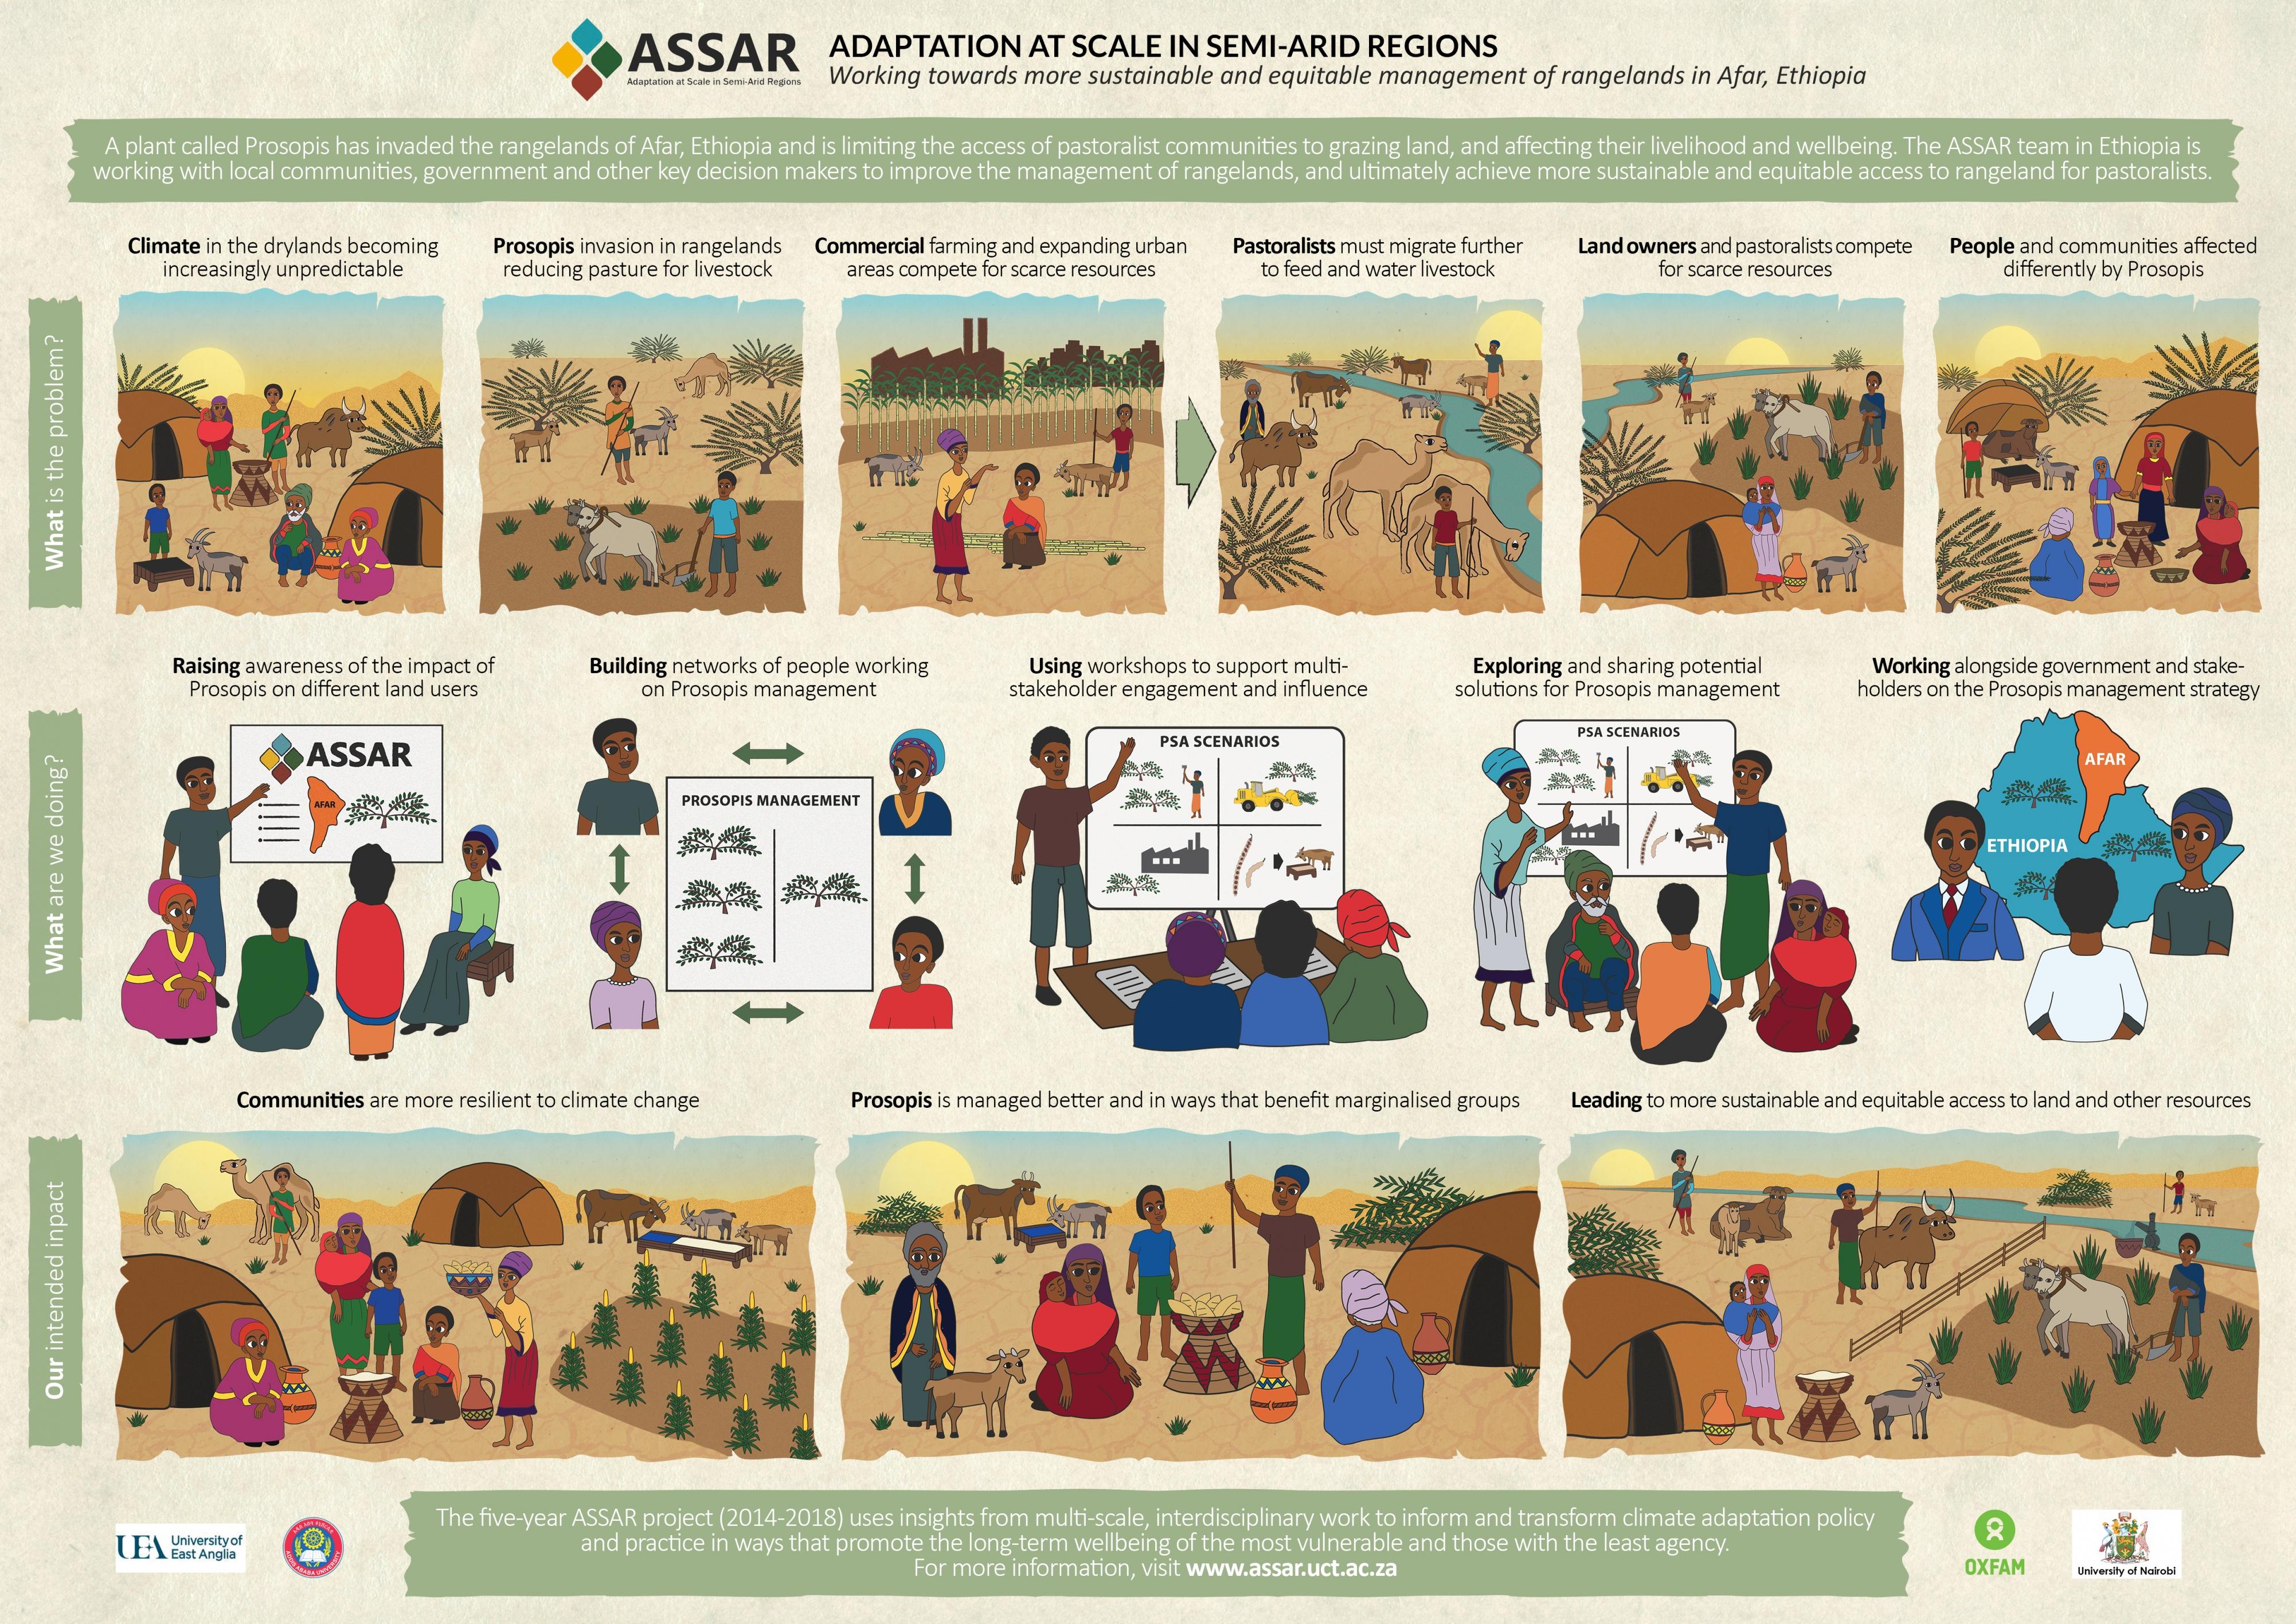 ASSAR FINAL REPORT (2014-2018)